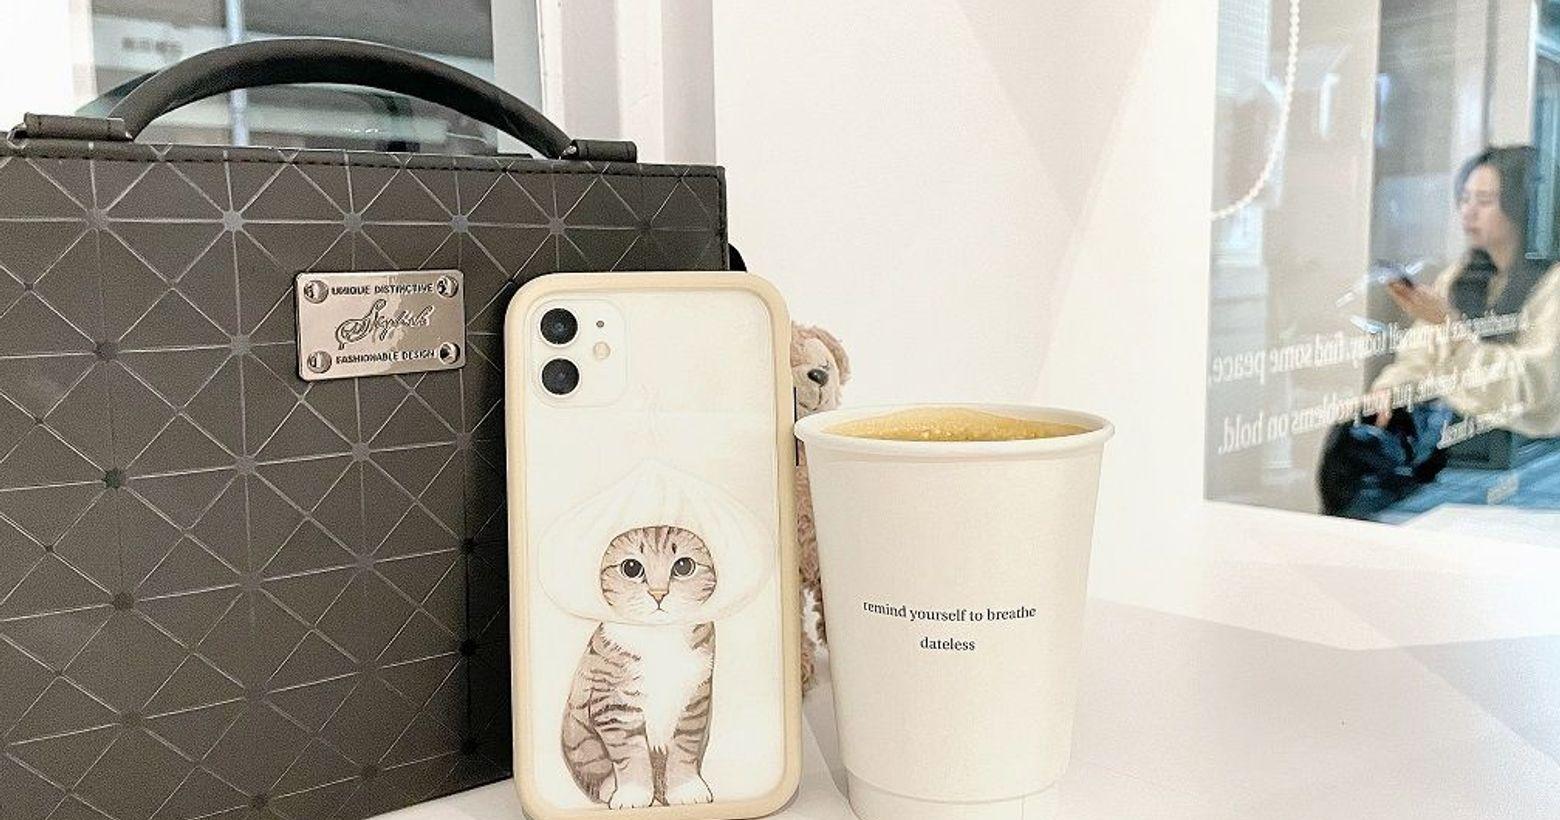 【分享】超可愛肉包貓手機殼|惡魔二代防摔殼iphone11買一年了,結果還在用剛買手機暫時保護的透明